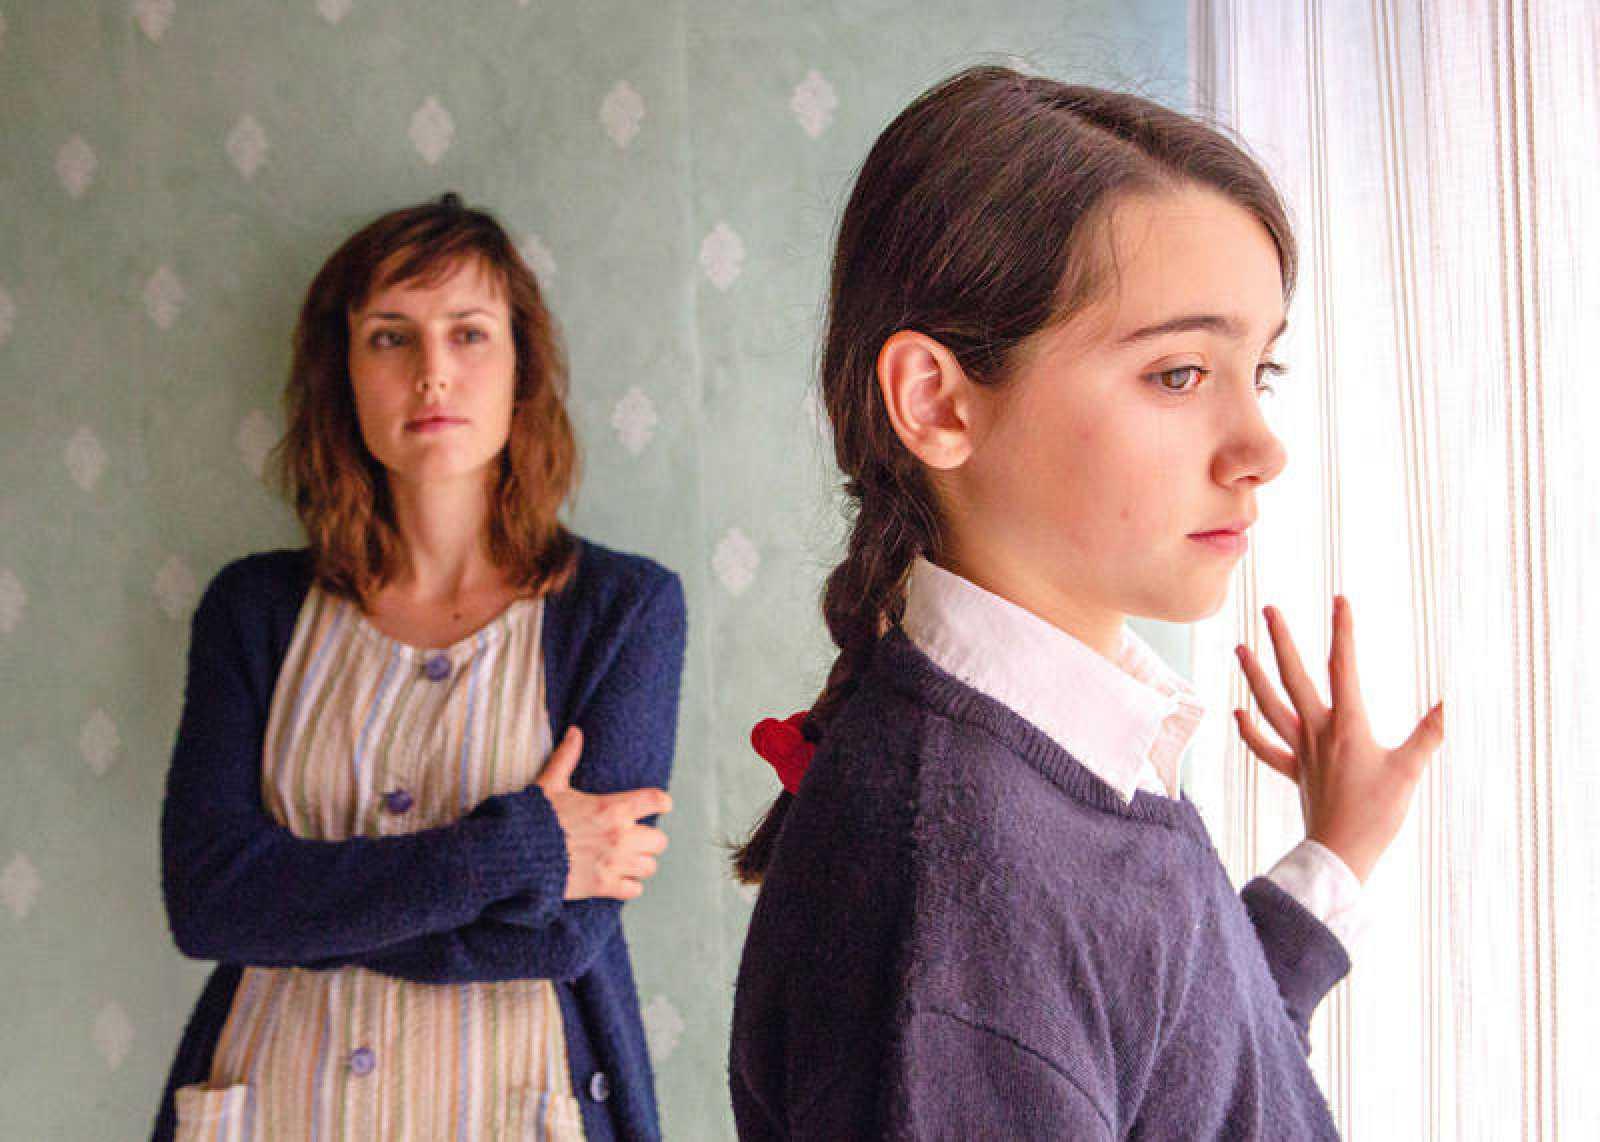 Natalia de Molina y Andrea Fandos en una imagen de 'Las niñas'